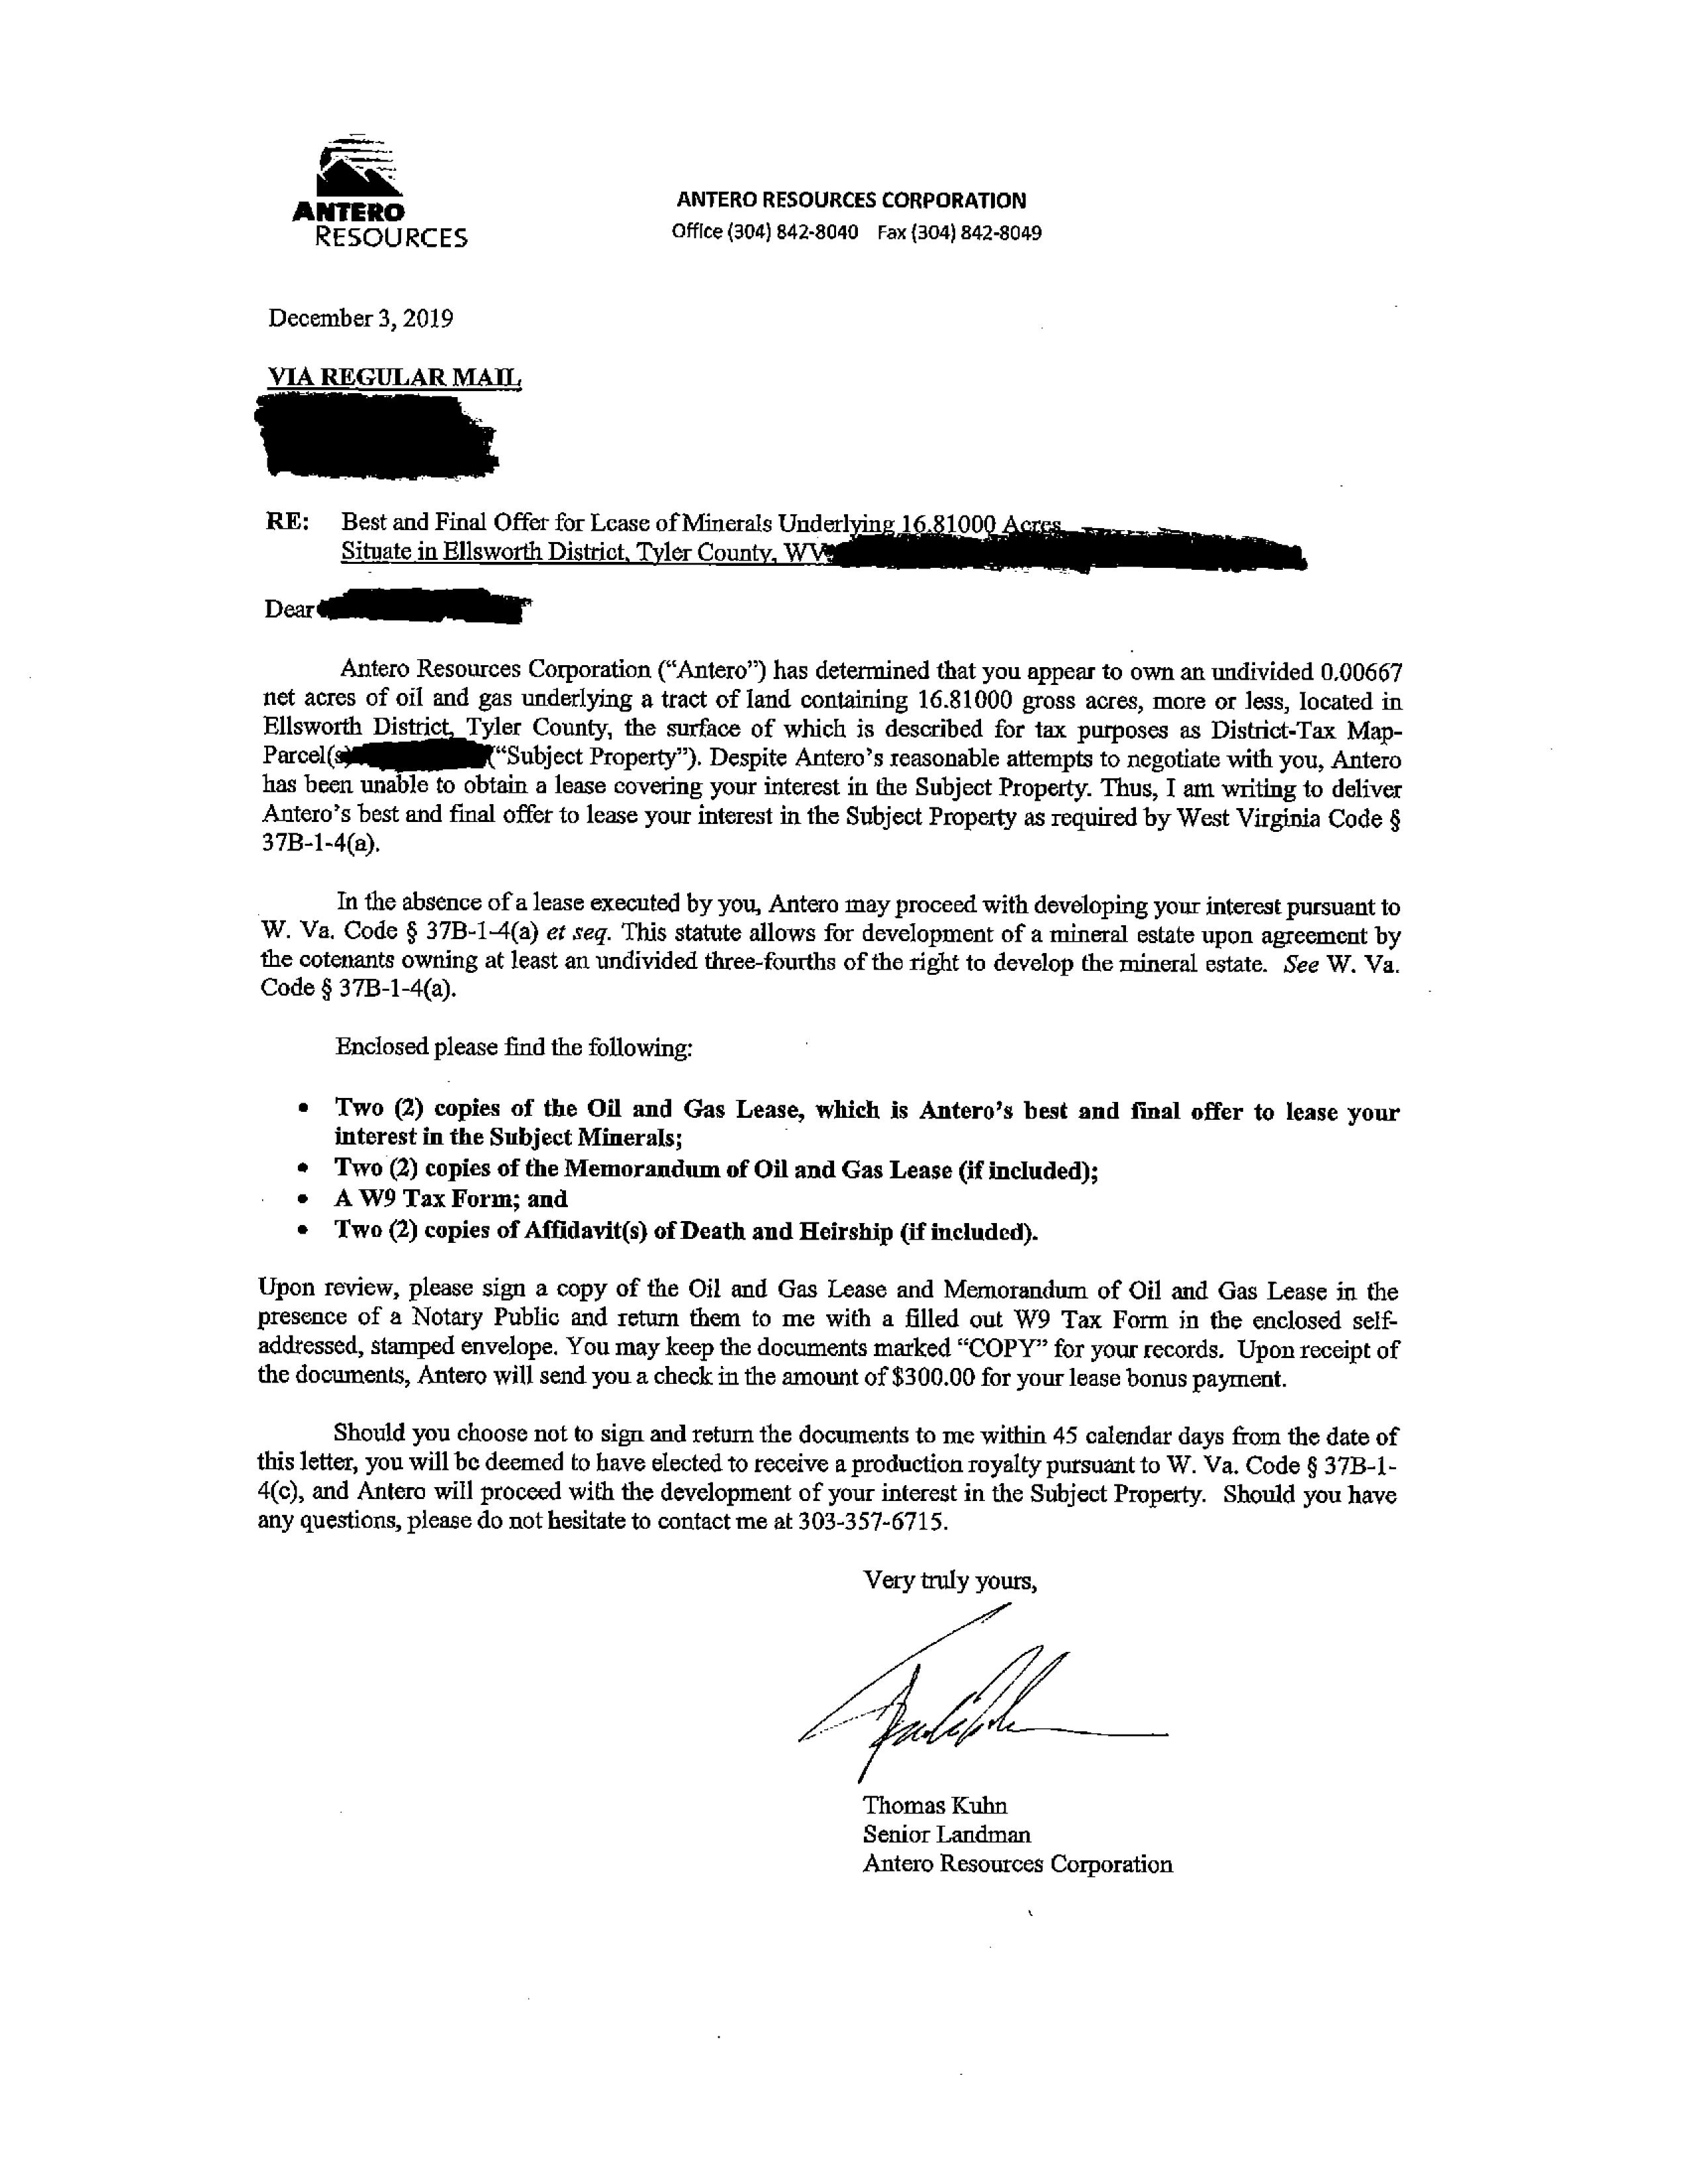 Co-Tenancy Letter